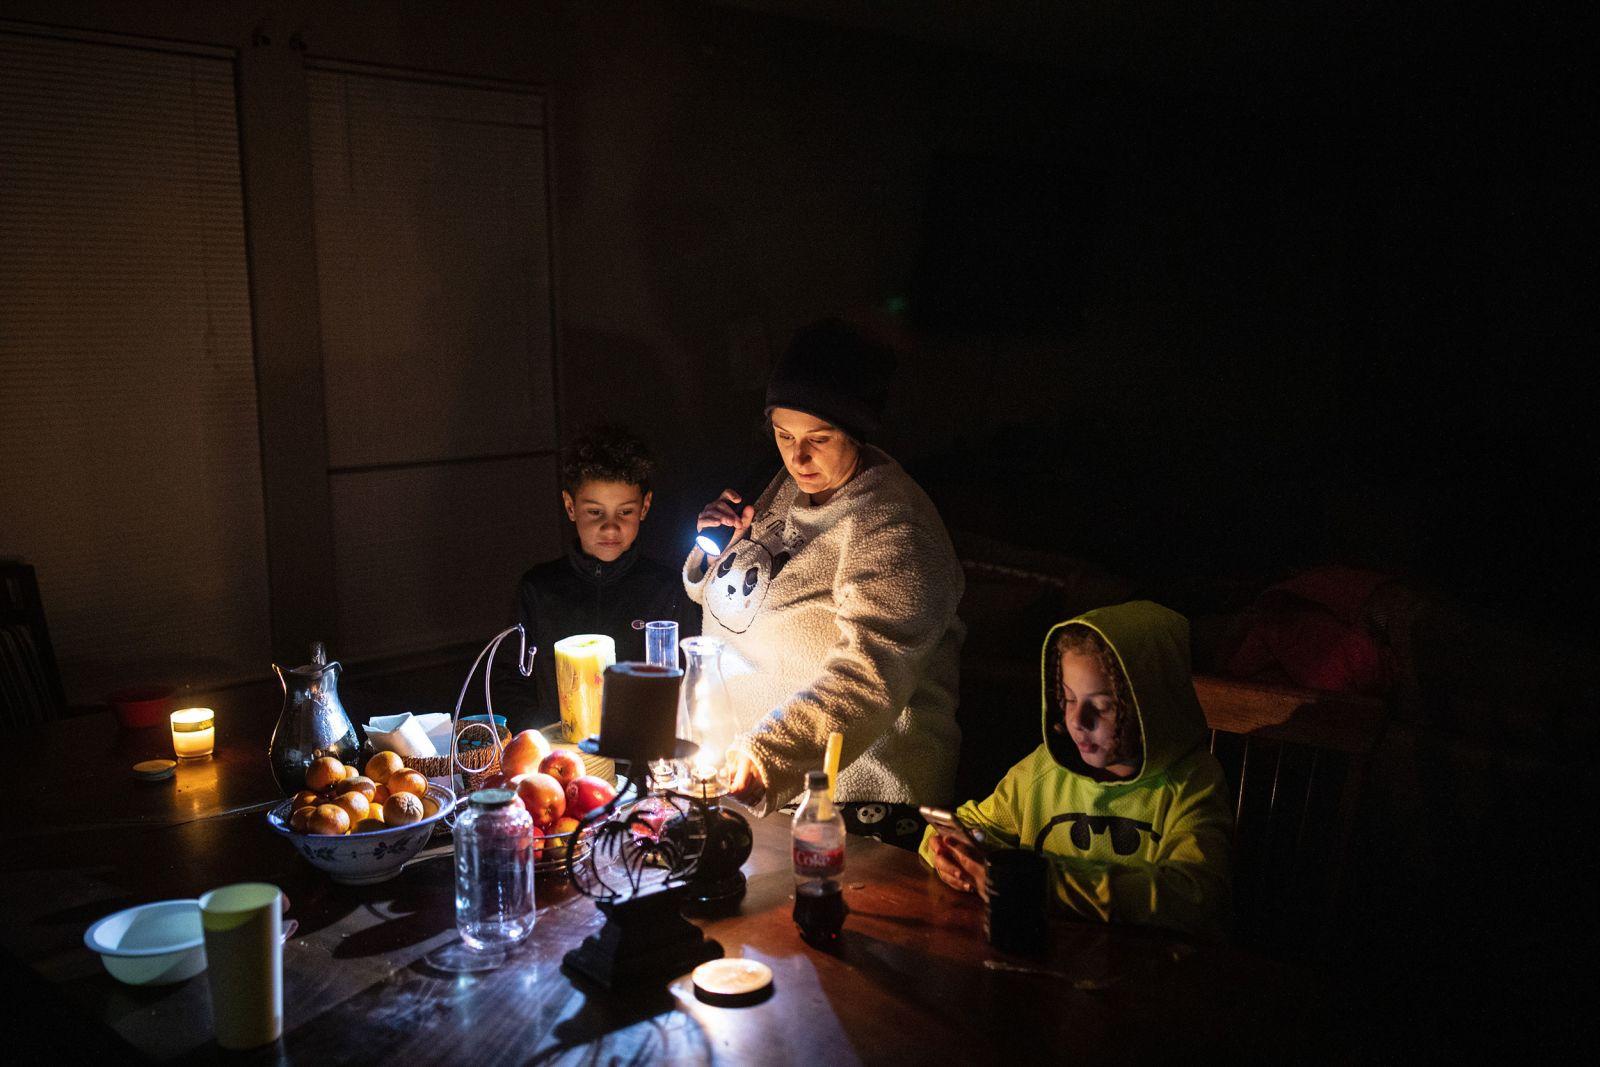 [PhotoStory] Những hình ảnh có một không hai về mùa đông khắc nghiệt trên đất Mỹ - Ảnh 11.